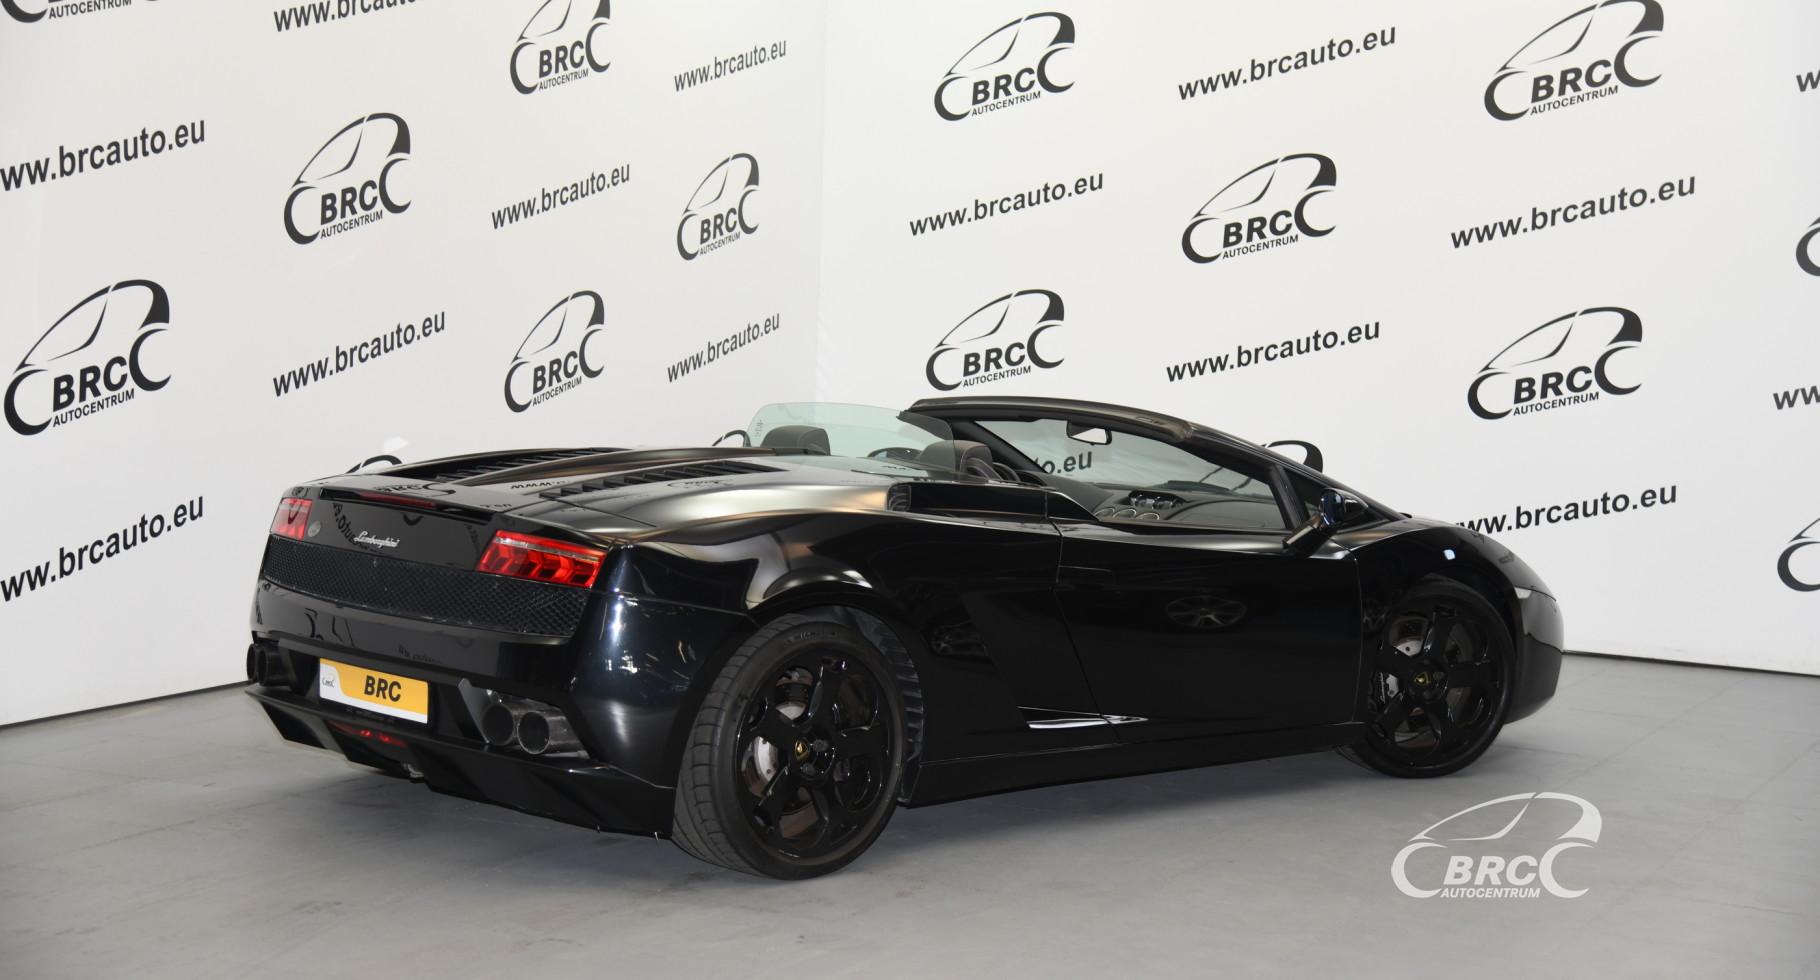 Lamborghini Gallardo 5.0 V10 Spyder Automatas